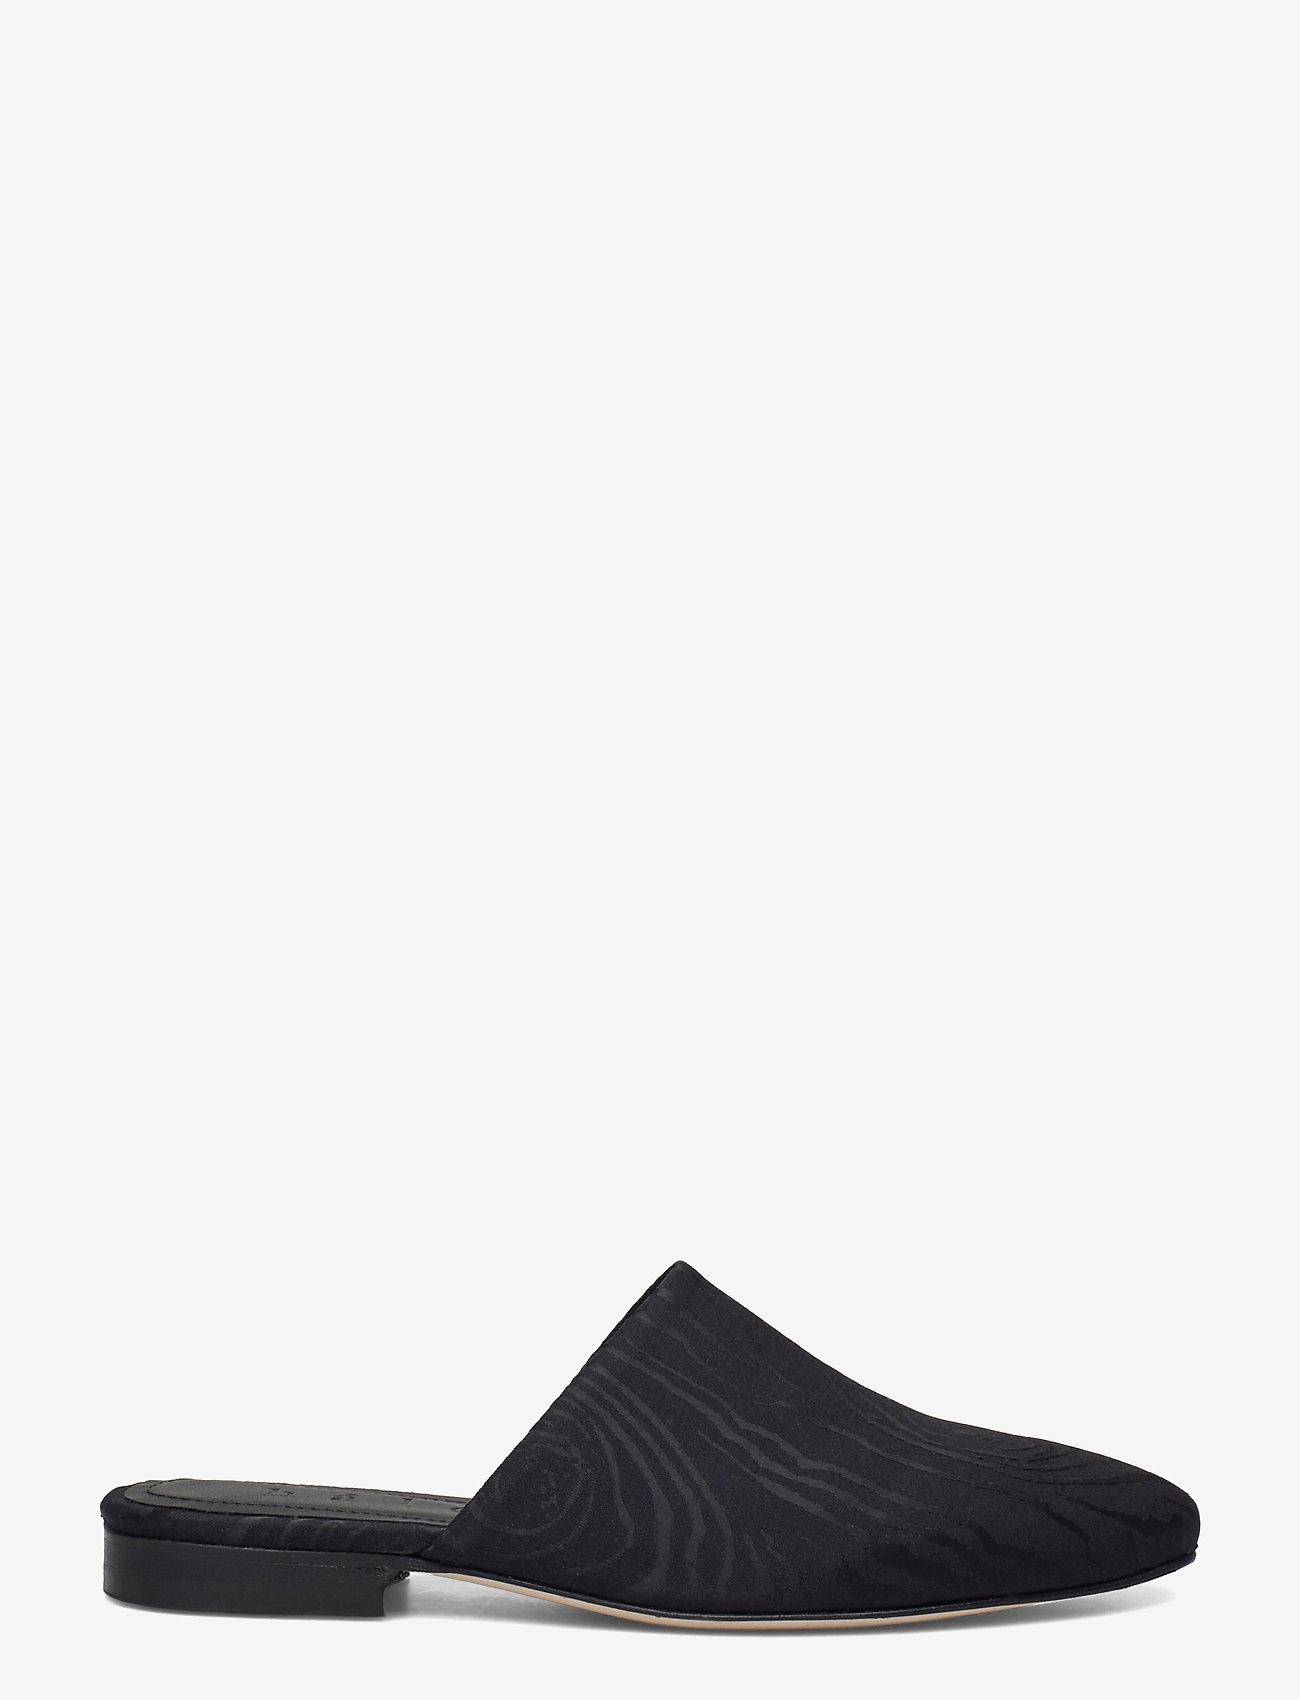 hálo - KAARNA slippers - buty - black - 1